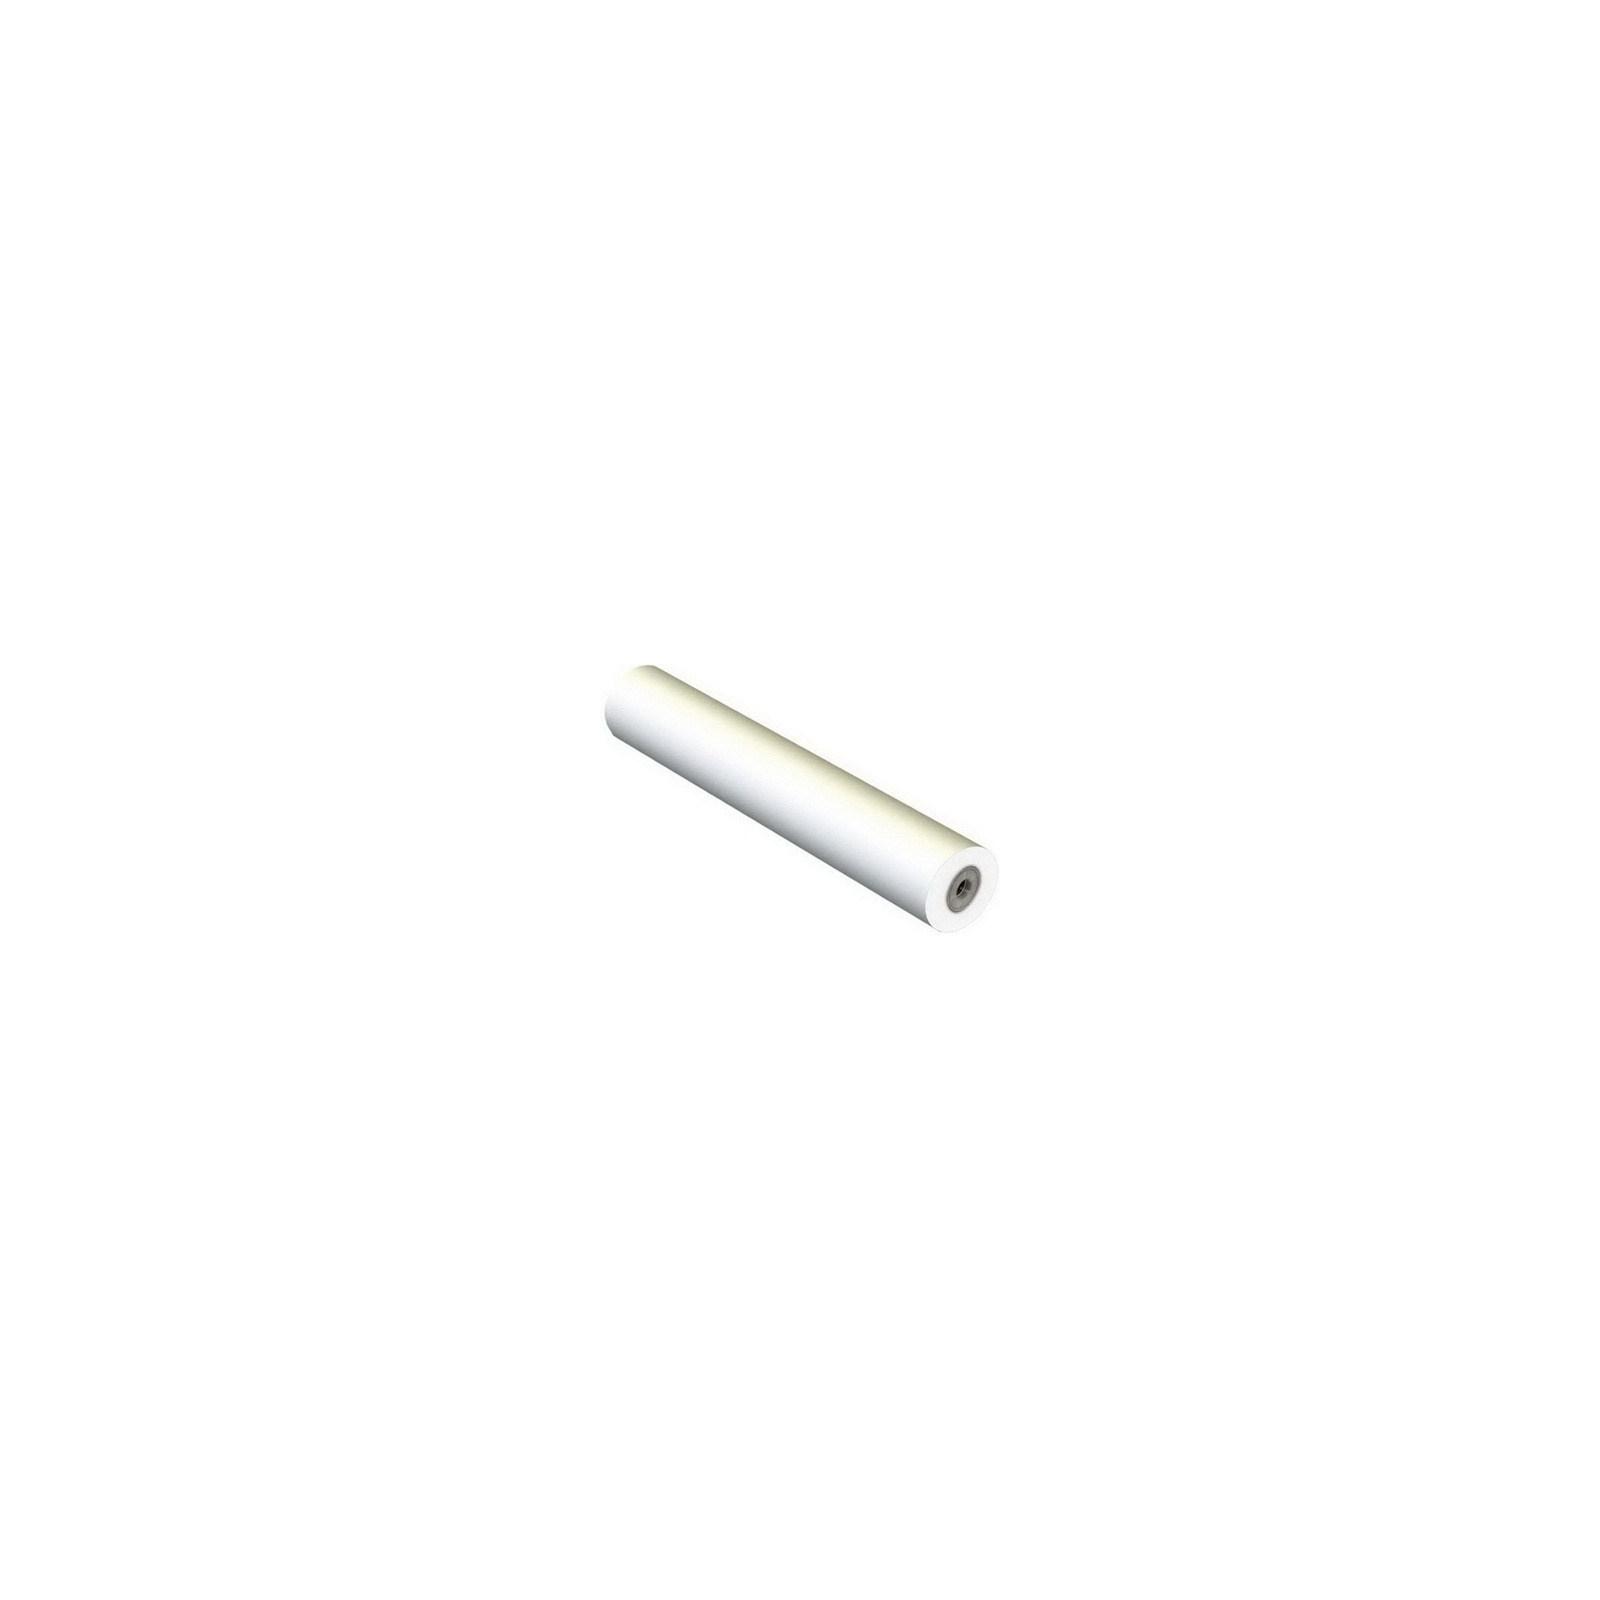 Бумага XEROX 1067мм Inkjet Monochrome (496L94067)